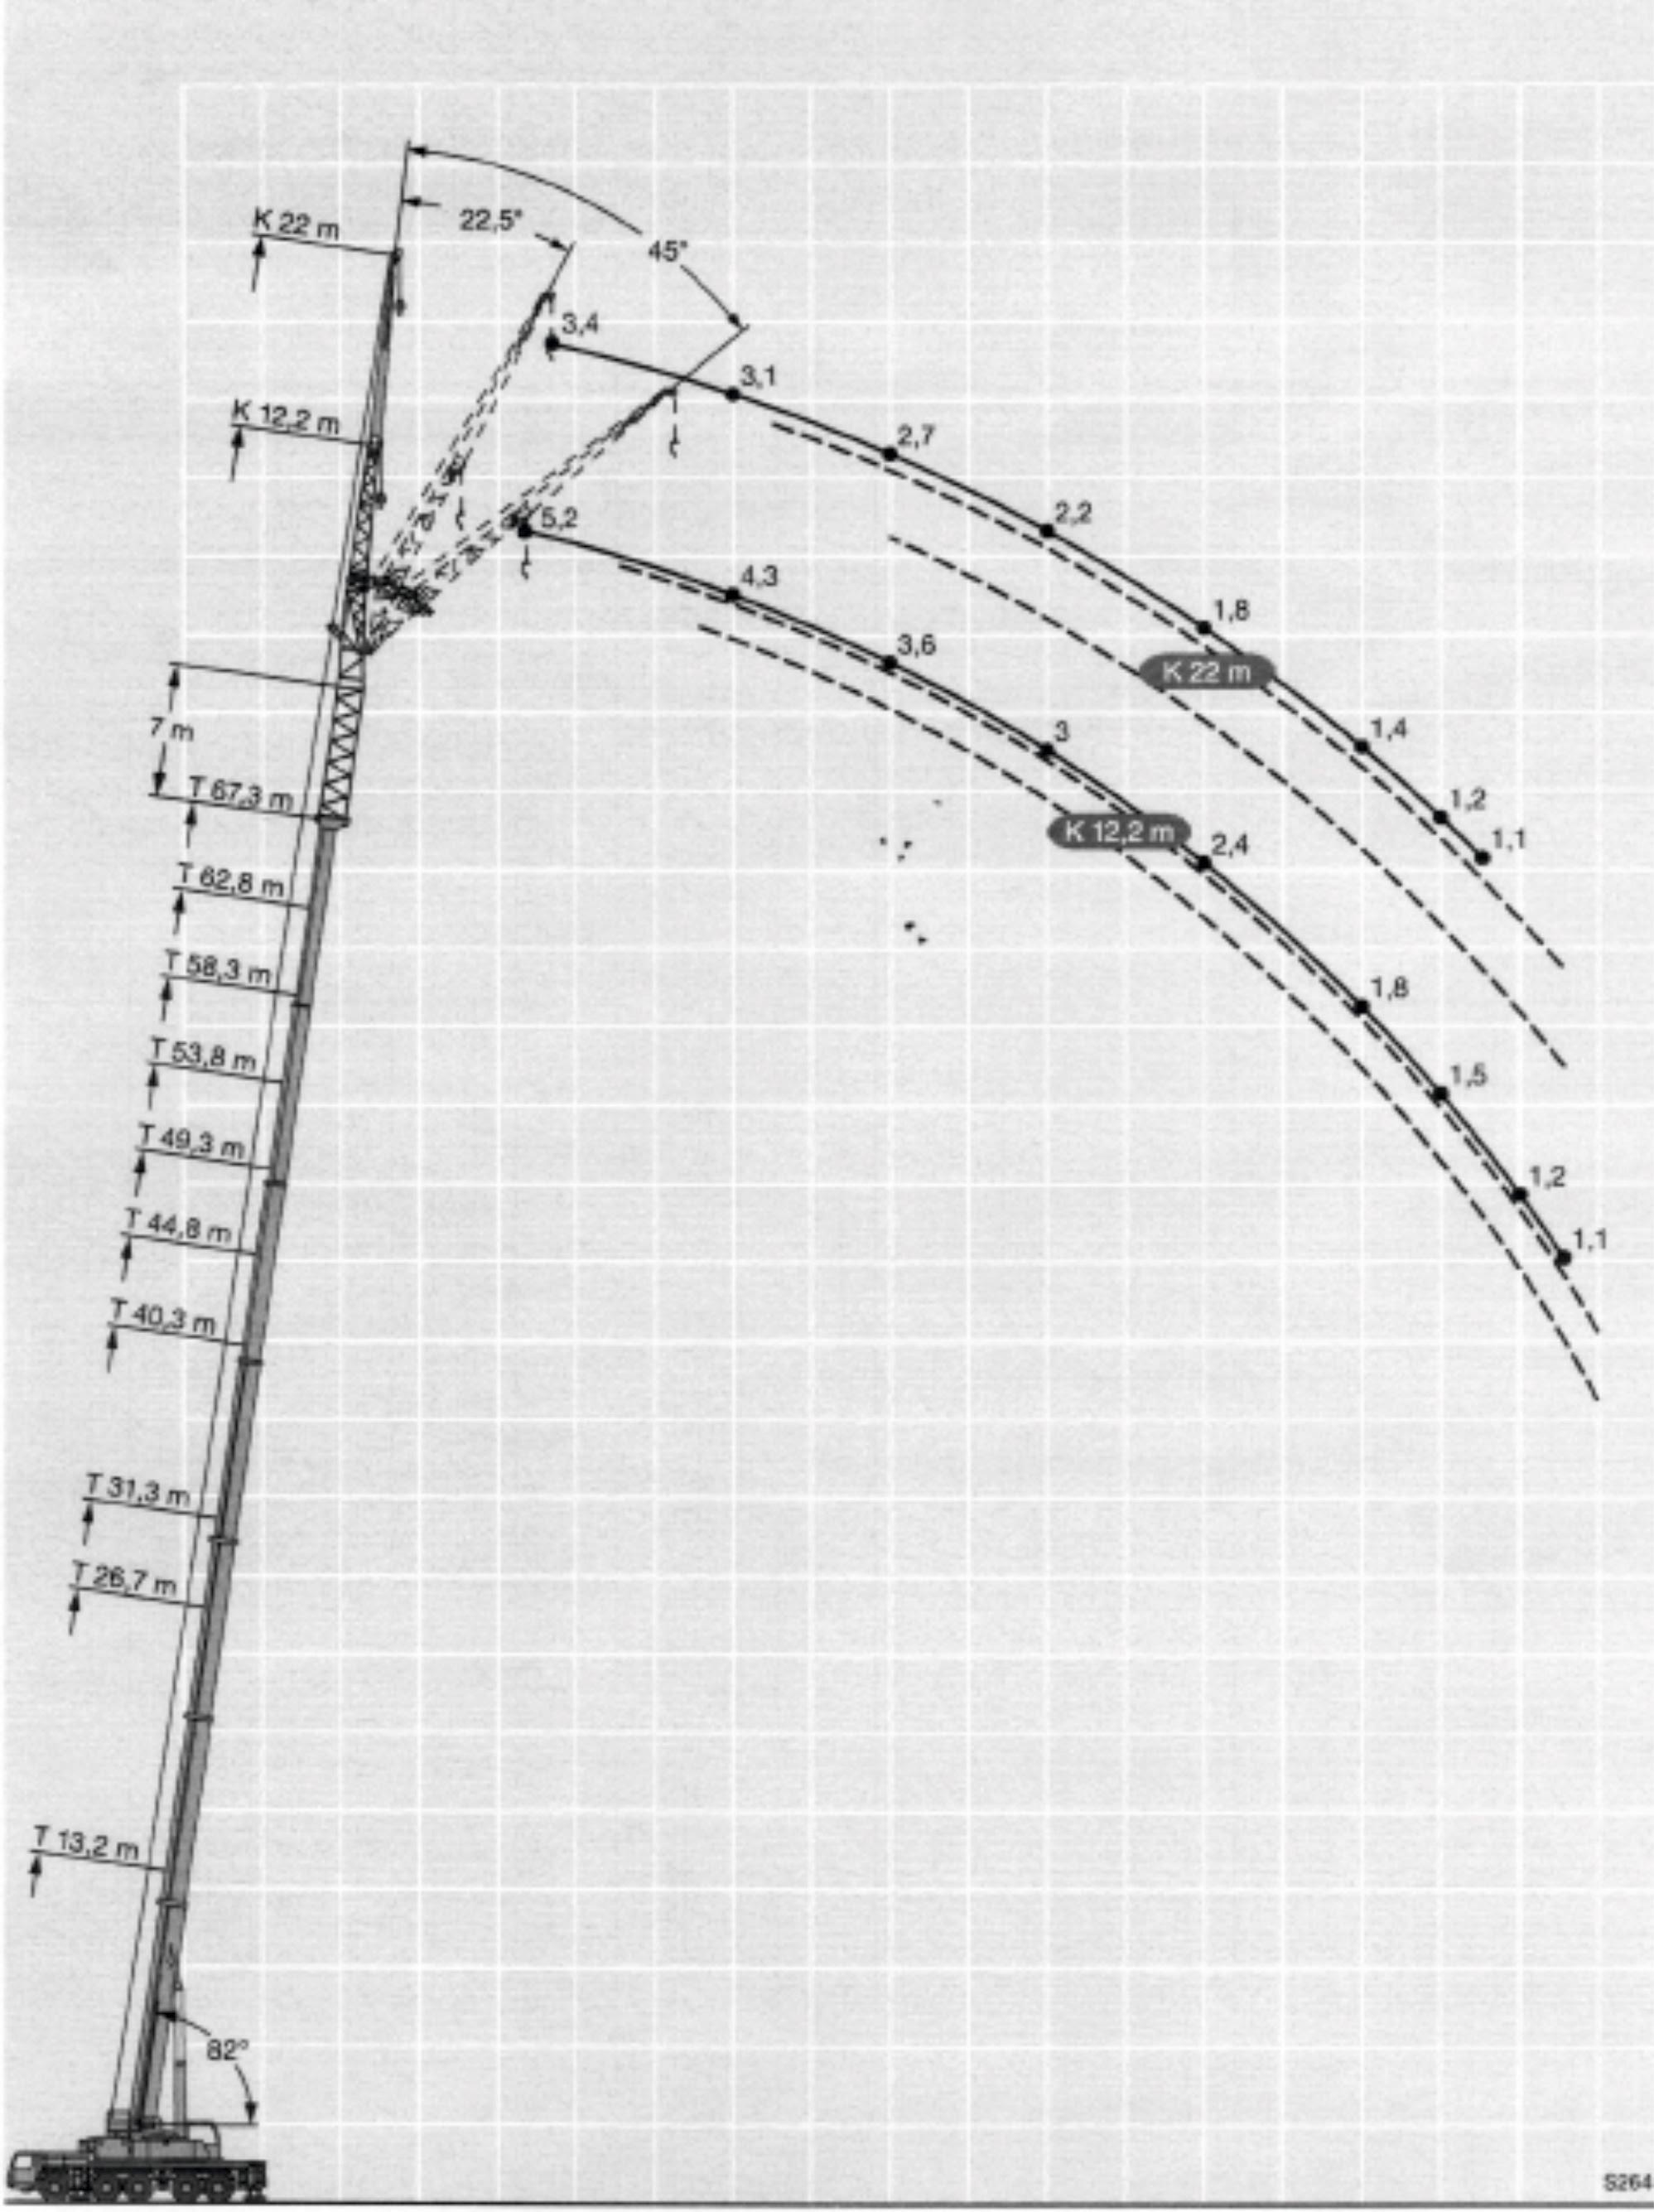 Inchiriere macara 250 de tone - diagrama 250 tone